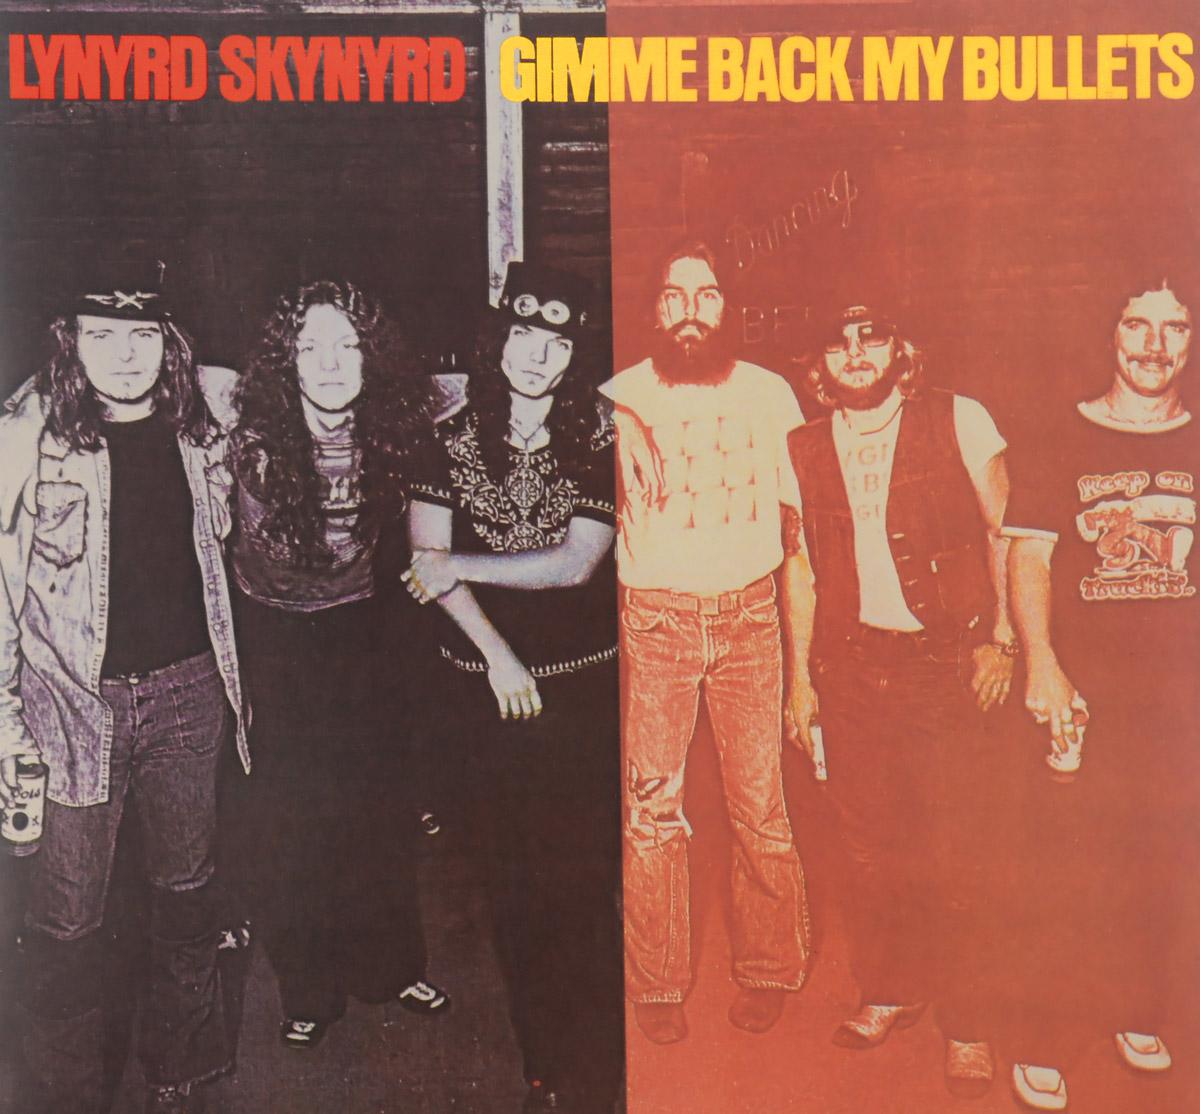 Lynyrd Skynyrd Lynyrd Skynyrd. Gimme Back My Bullets (LP) lynyrd skynyrd toronto